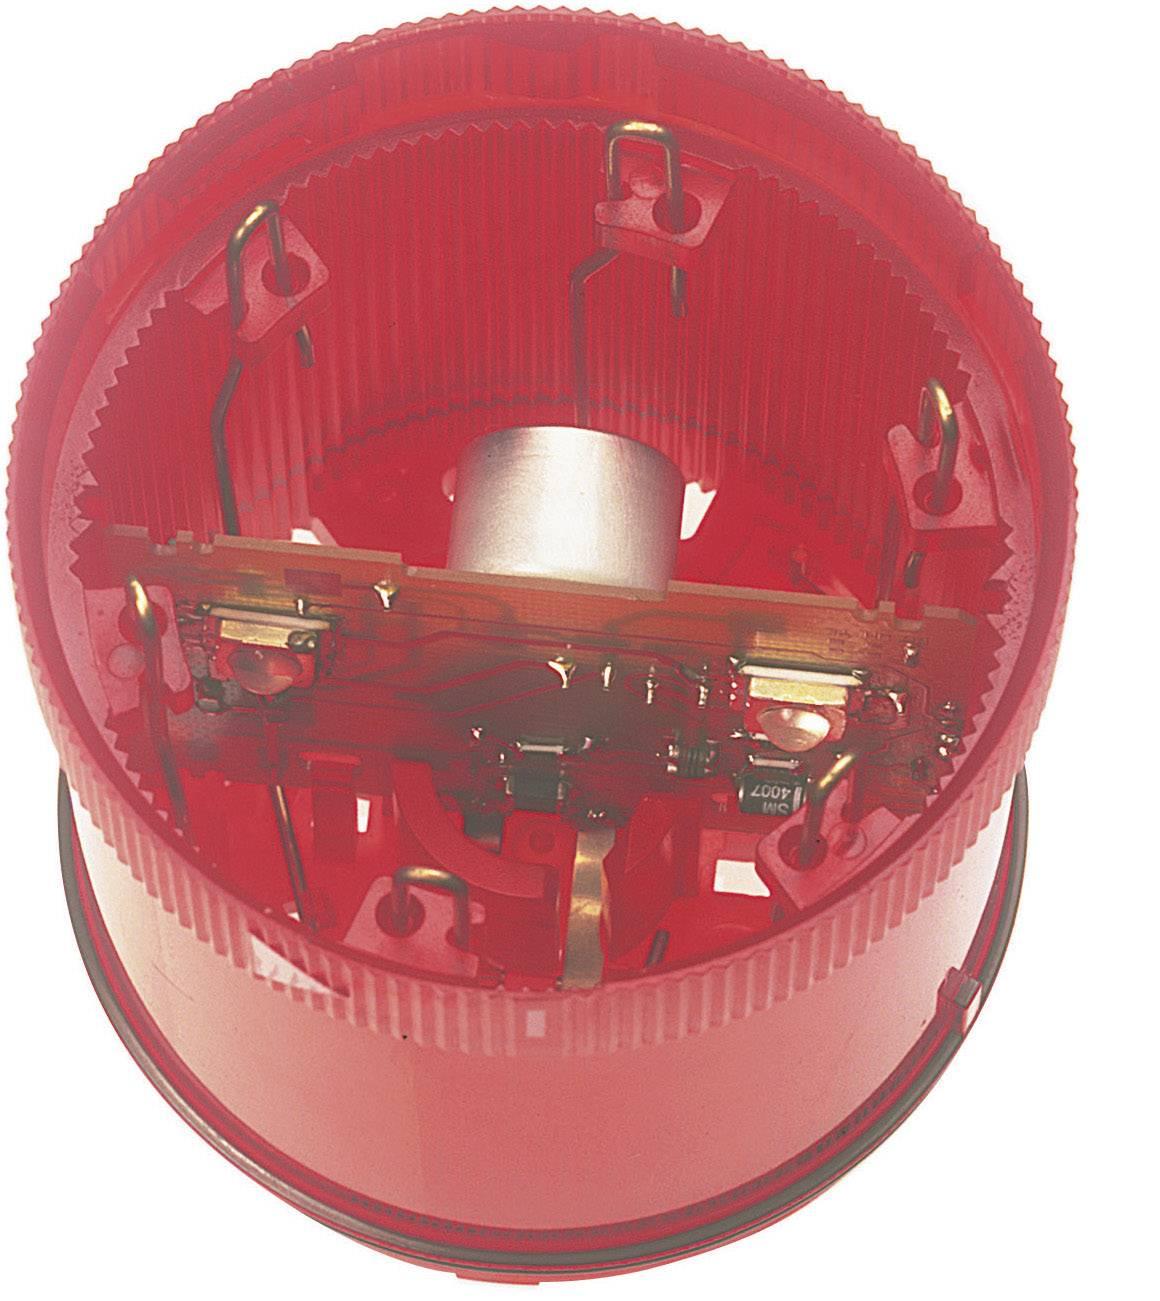 Súčasť signalizačného stĺpika LED Werma Signaltechnik WERMA KombiSign 71 644.100.75, 24 V/DC, trvalé svetlo, červená